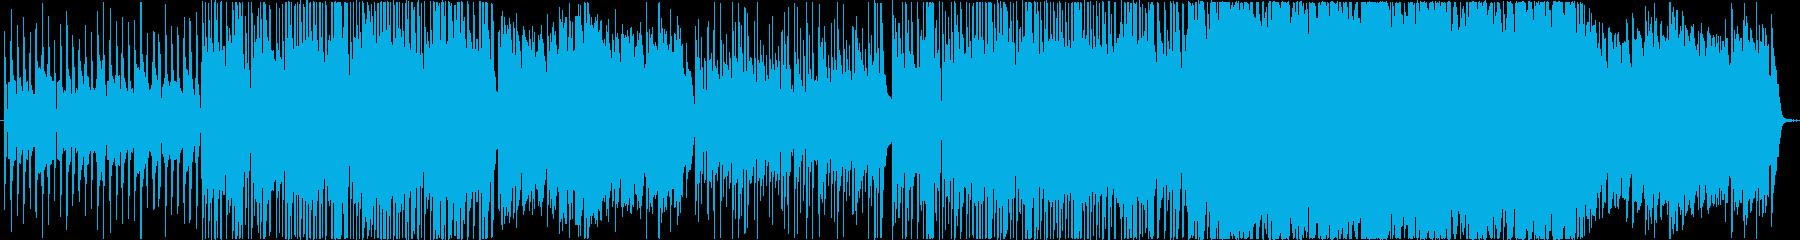 ノスタルジックでのどかなアンサンブルの再生済みの波形